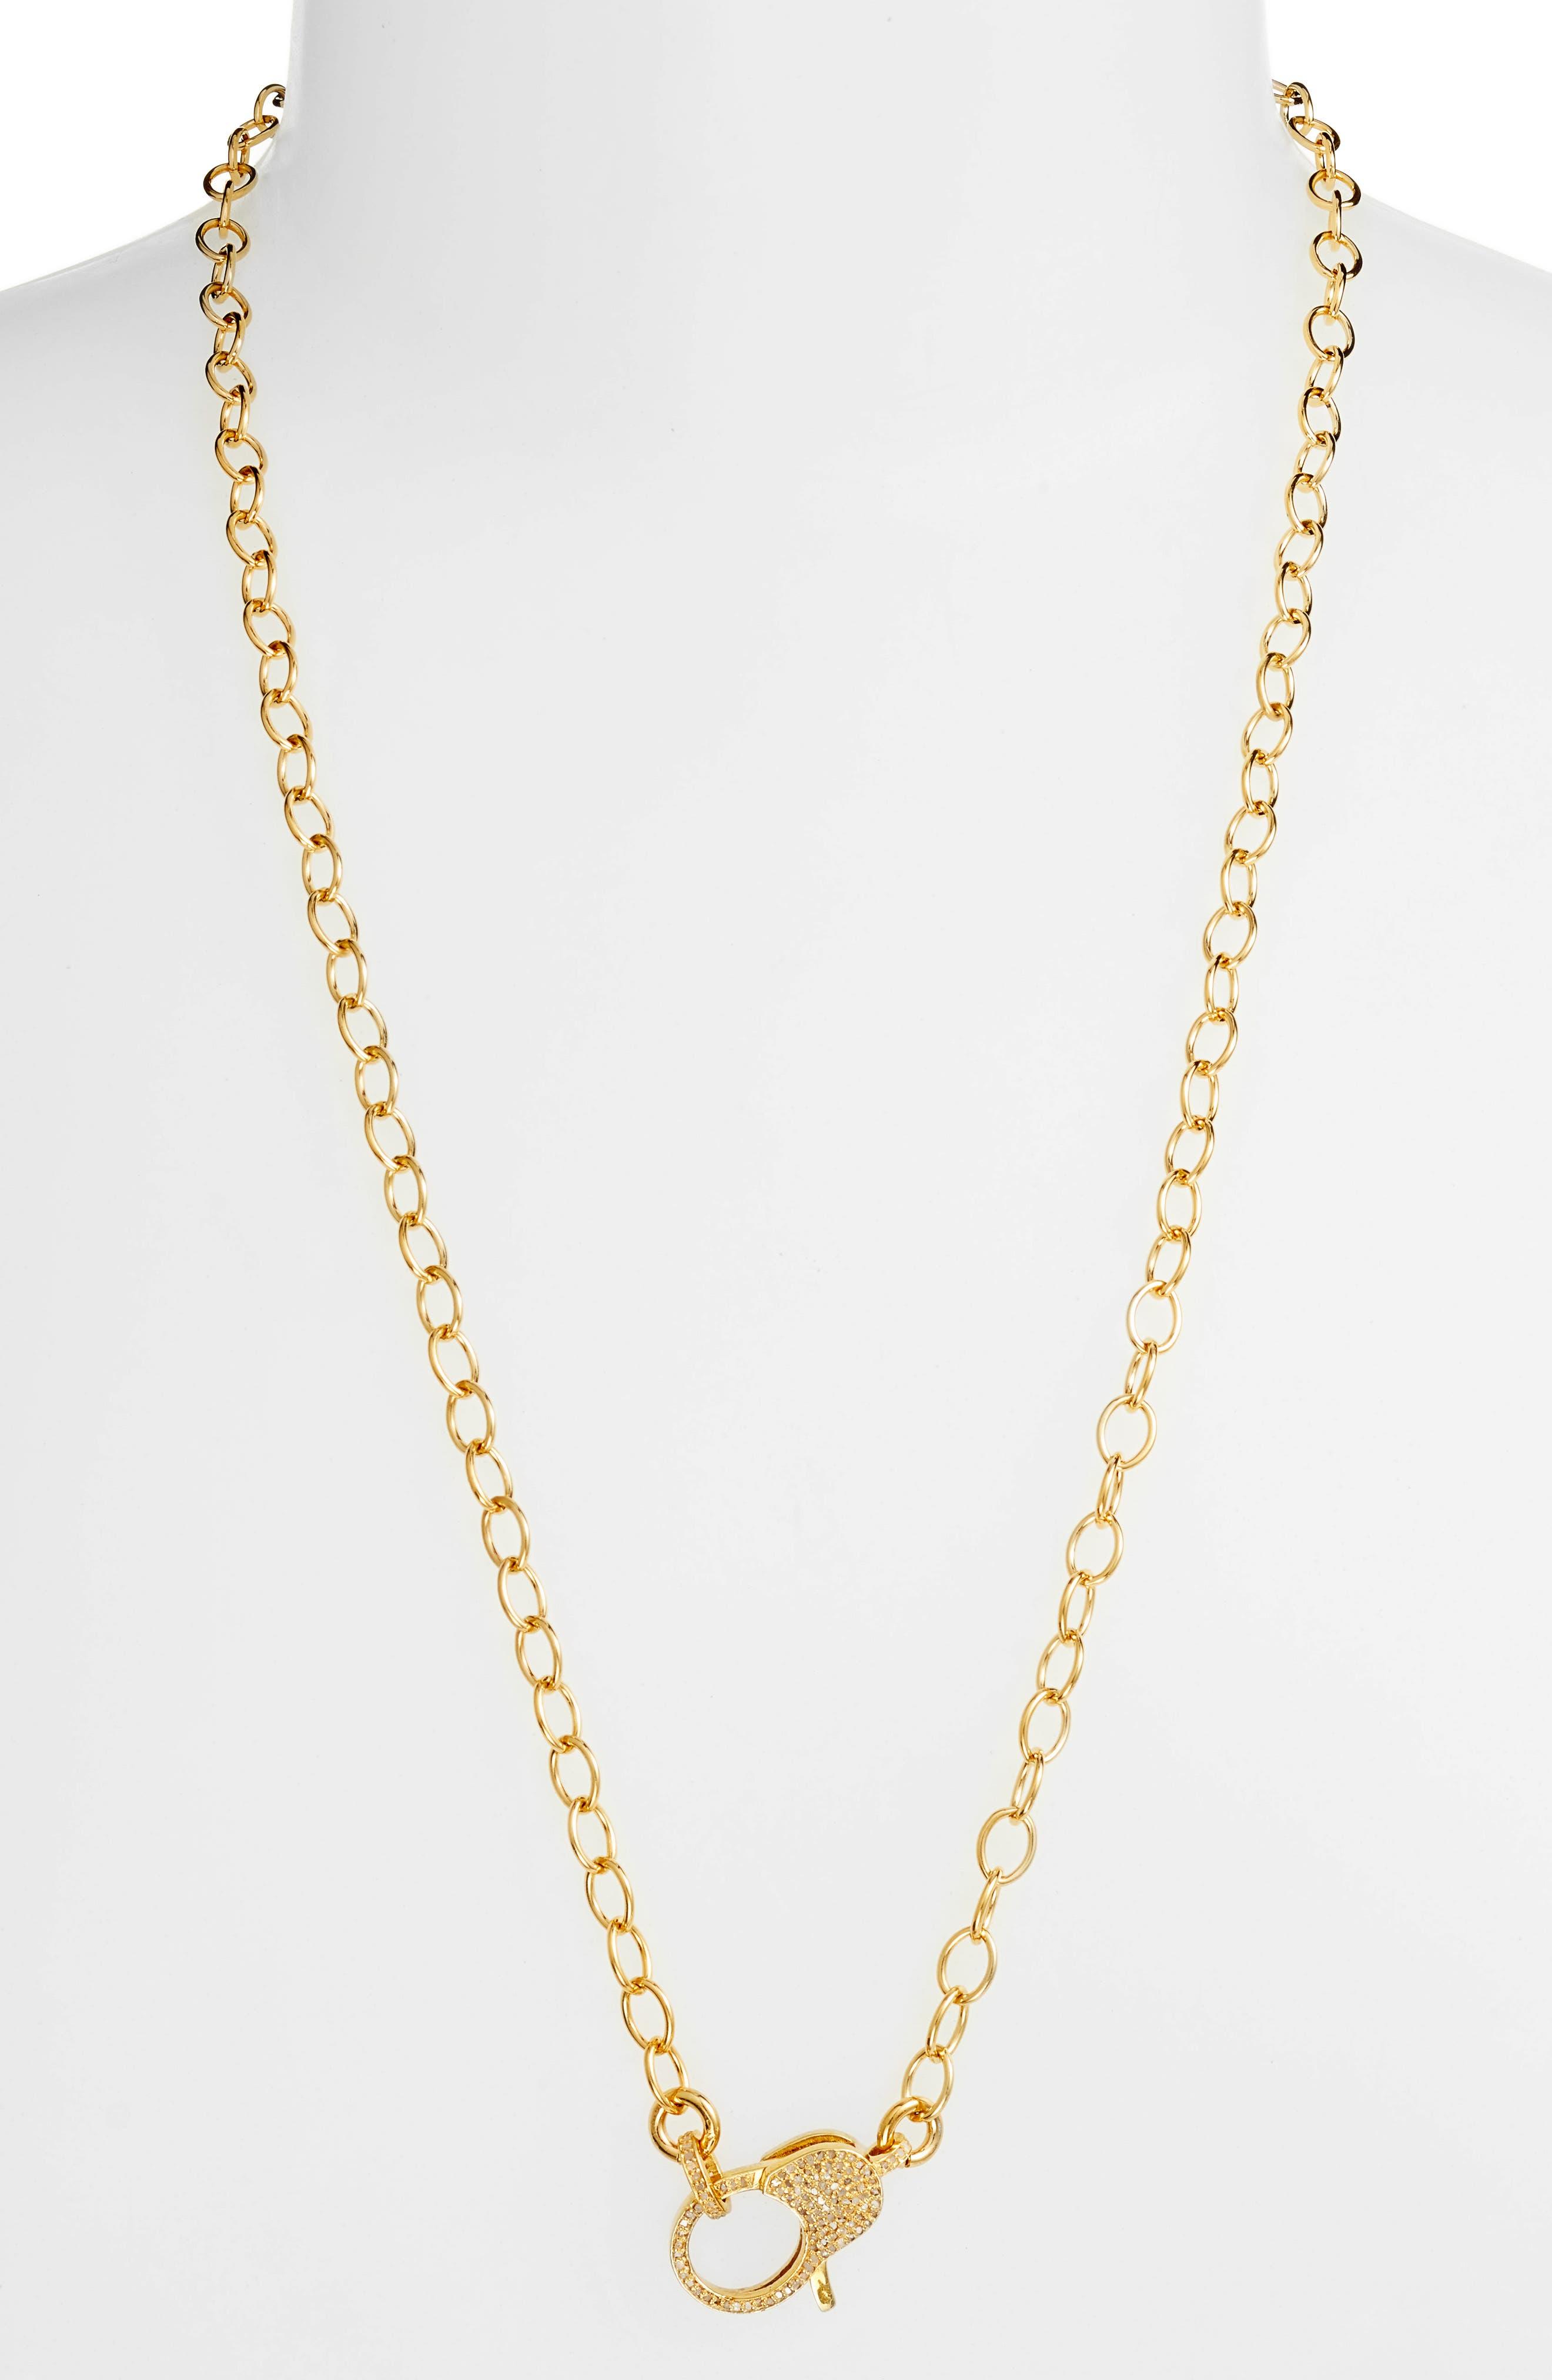 Jane Basch Pavé Diamond Clasp Long Chain Necklace,                             Alternate thumbnail 2, color,                             Gold